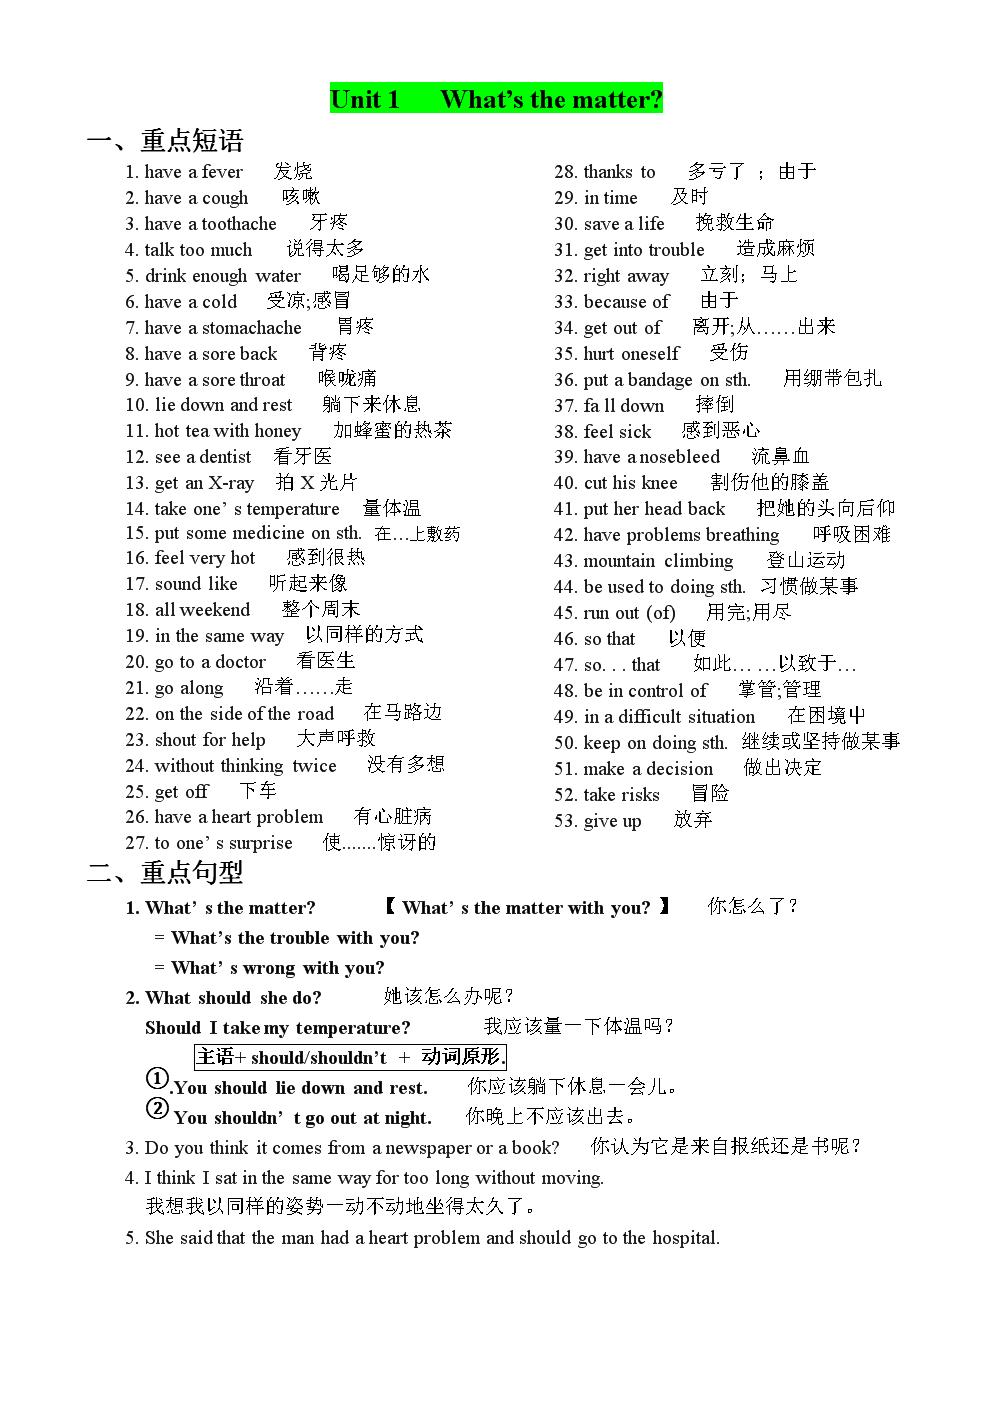 最新版本新目标英语八年级下册Unit_1-unit5期中复习重点短语和句子.doc